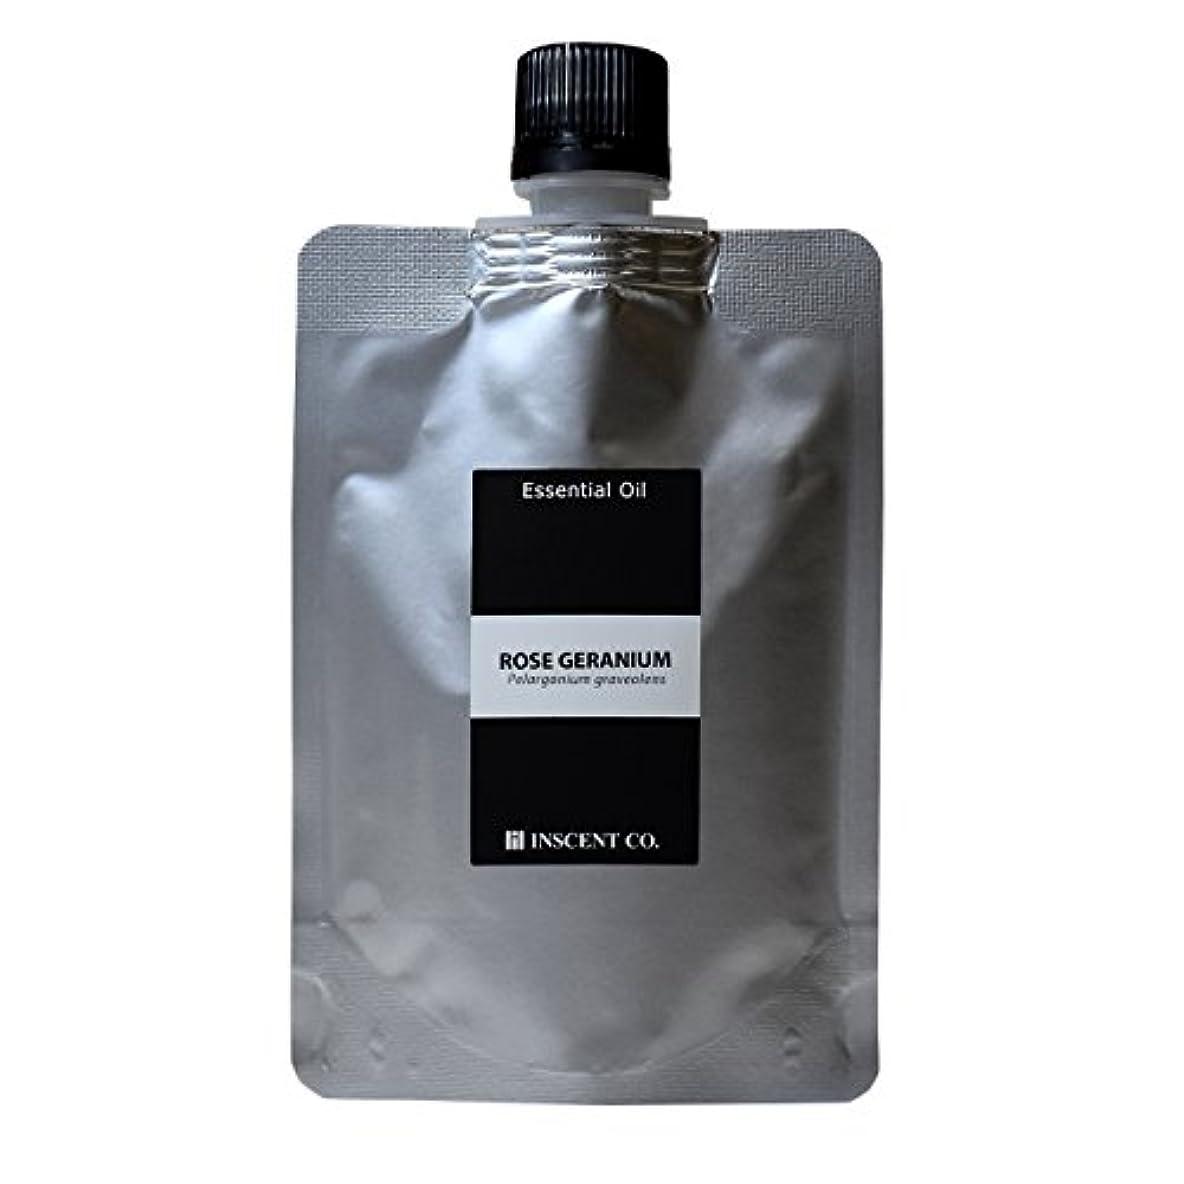 毎週とにかくシットコム(詰替用 アルミパック) ローズゼラニウム 50ml インセント アロマオイル AEAJ 表示基準適合認定精油